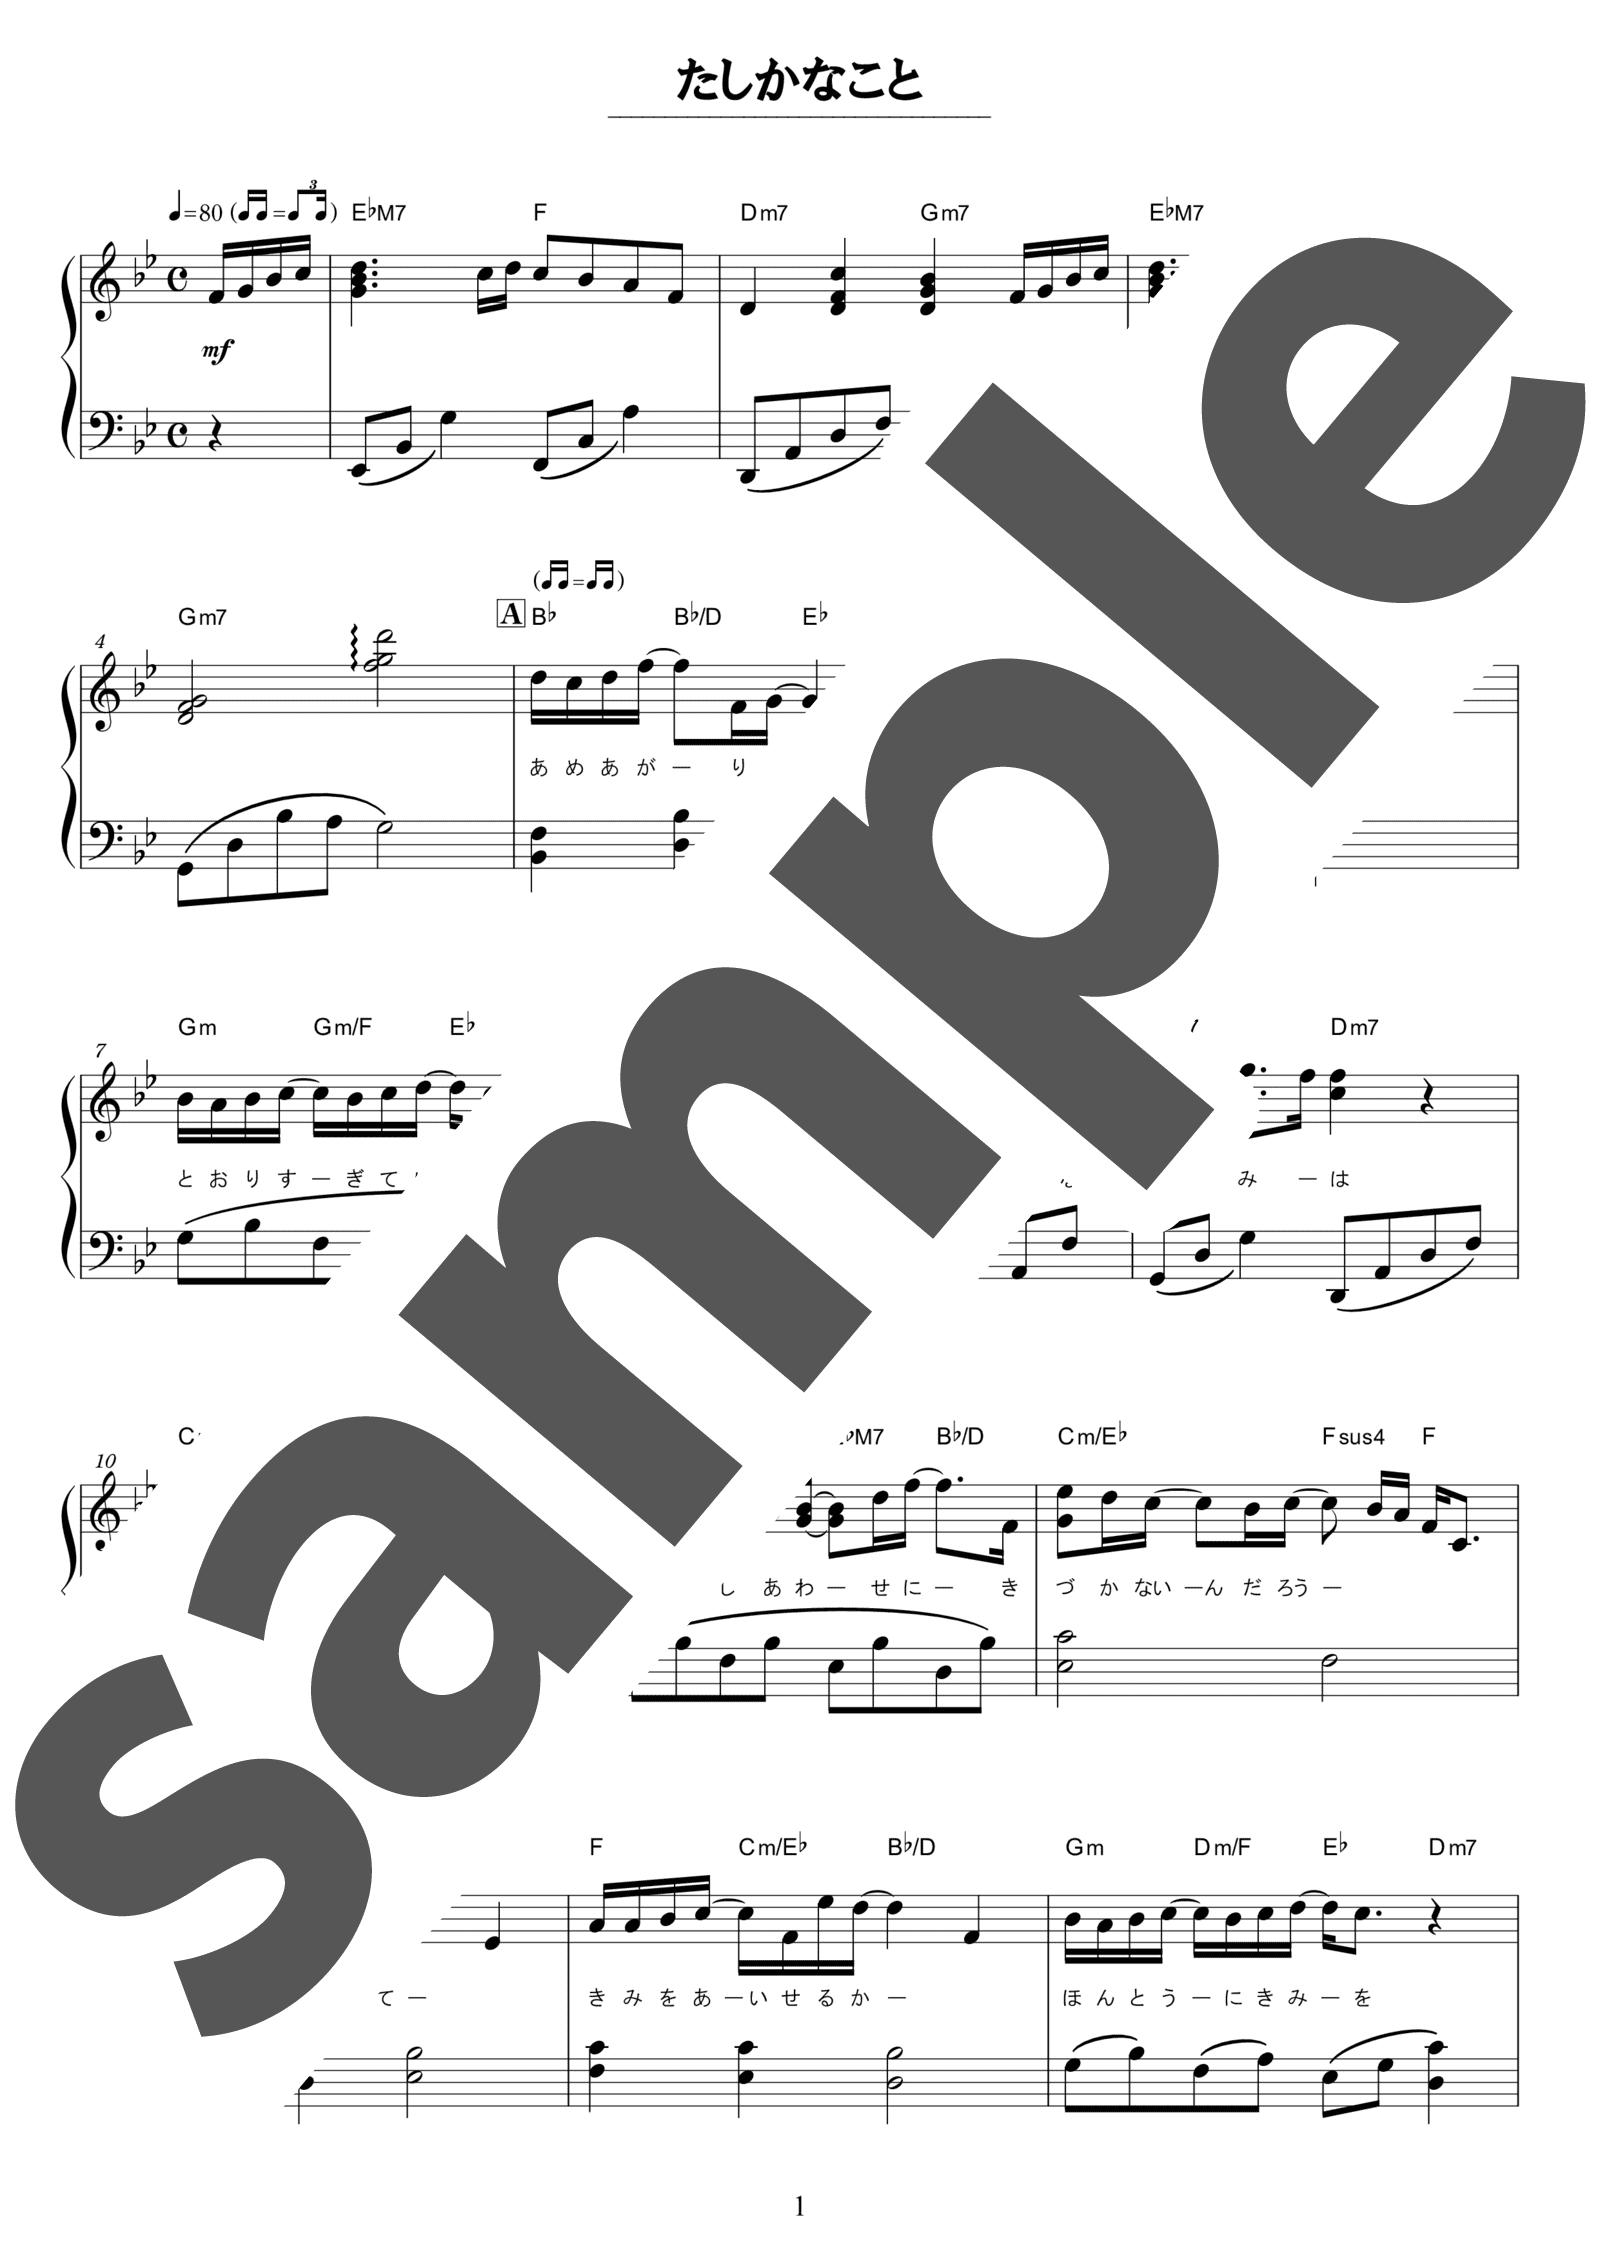 「たしかなこと」のサンプル楽譜